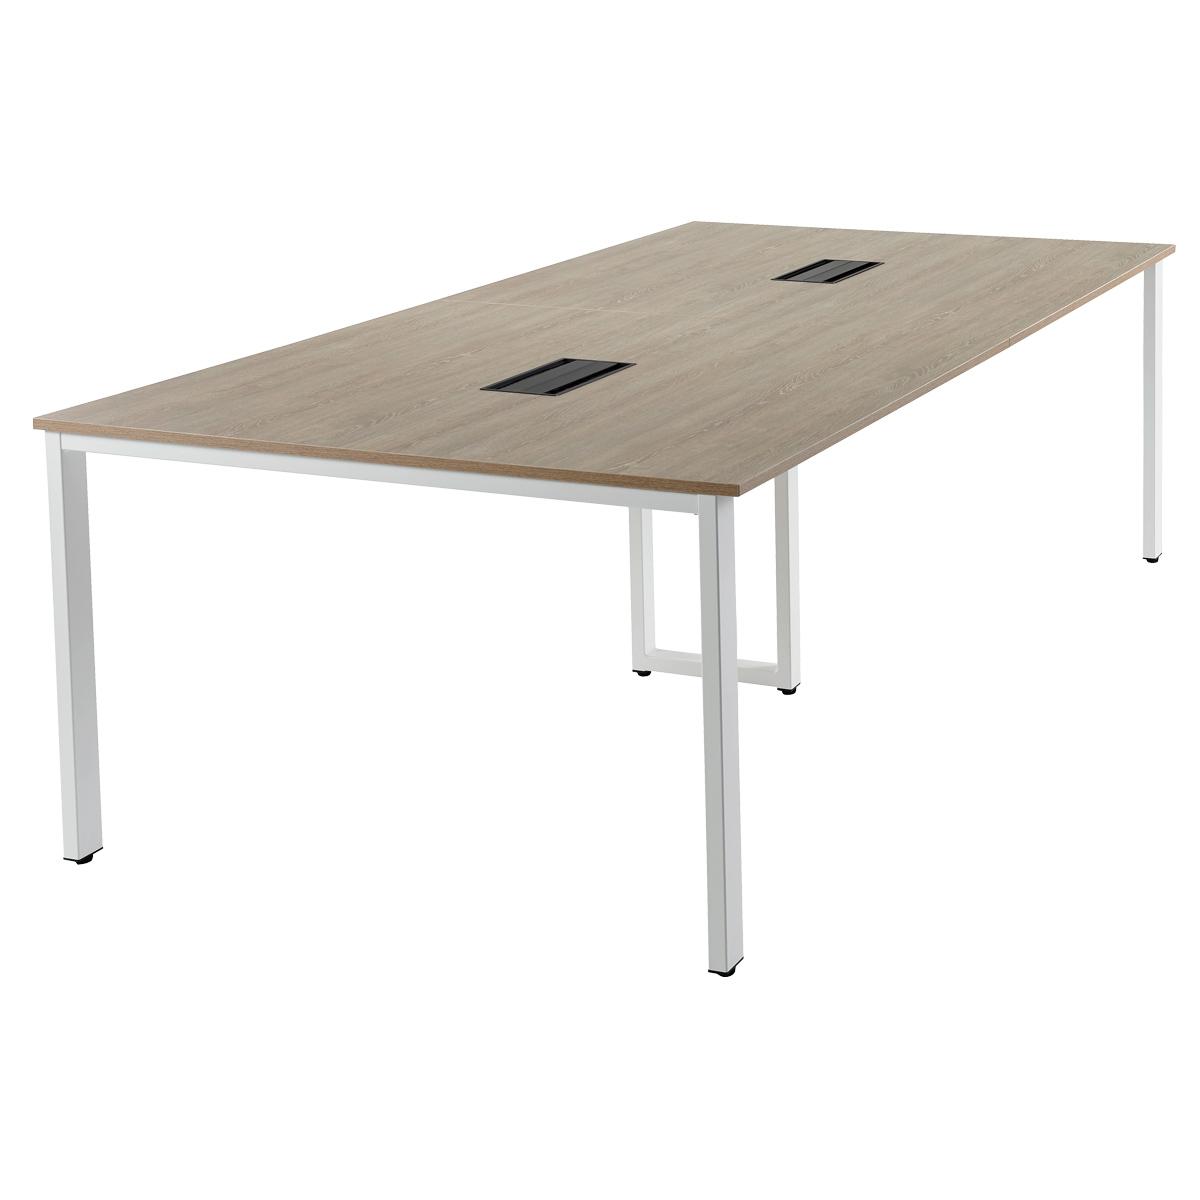 オフィス用会議テーブル 基本1+増連1セット REVシリーズ W2400 D1200 H720  ナチュラル